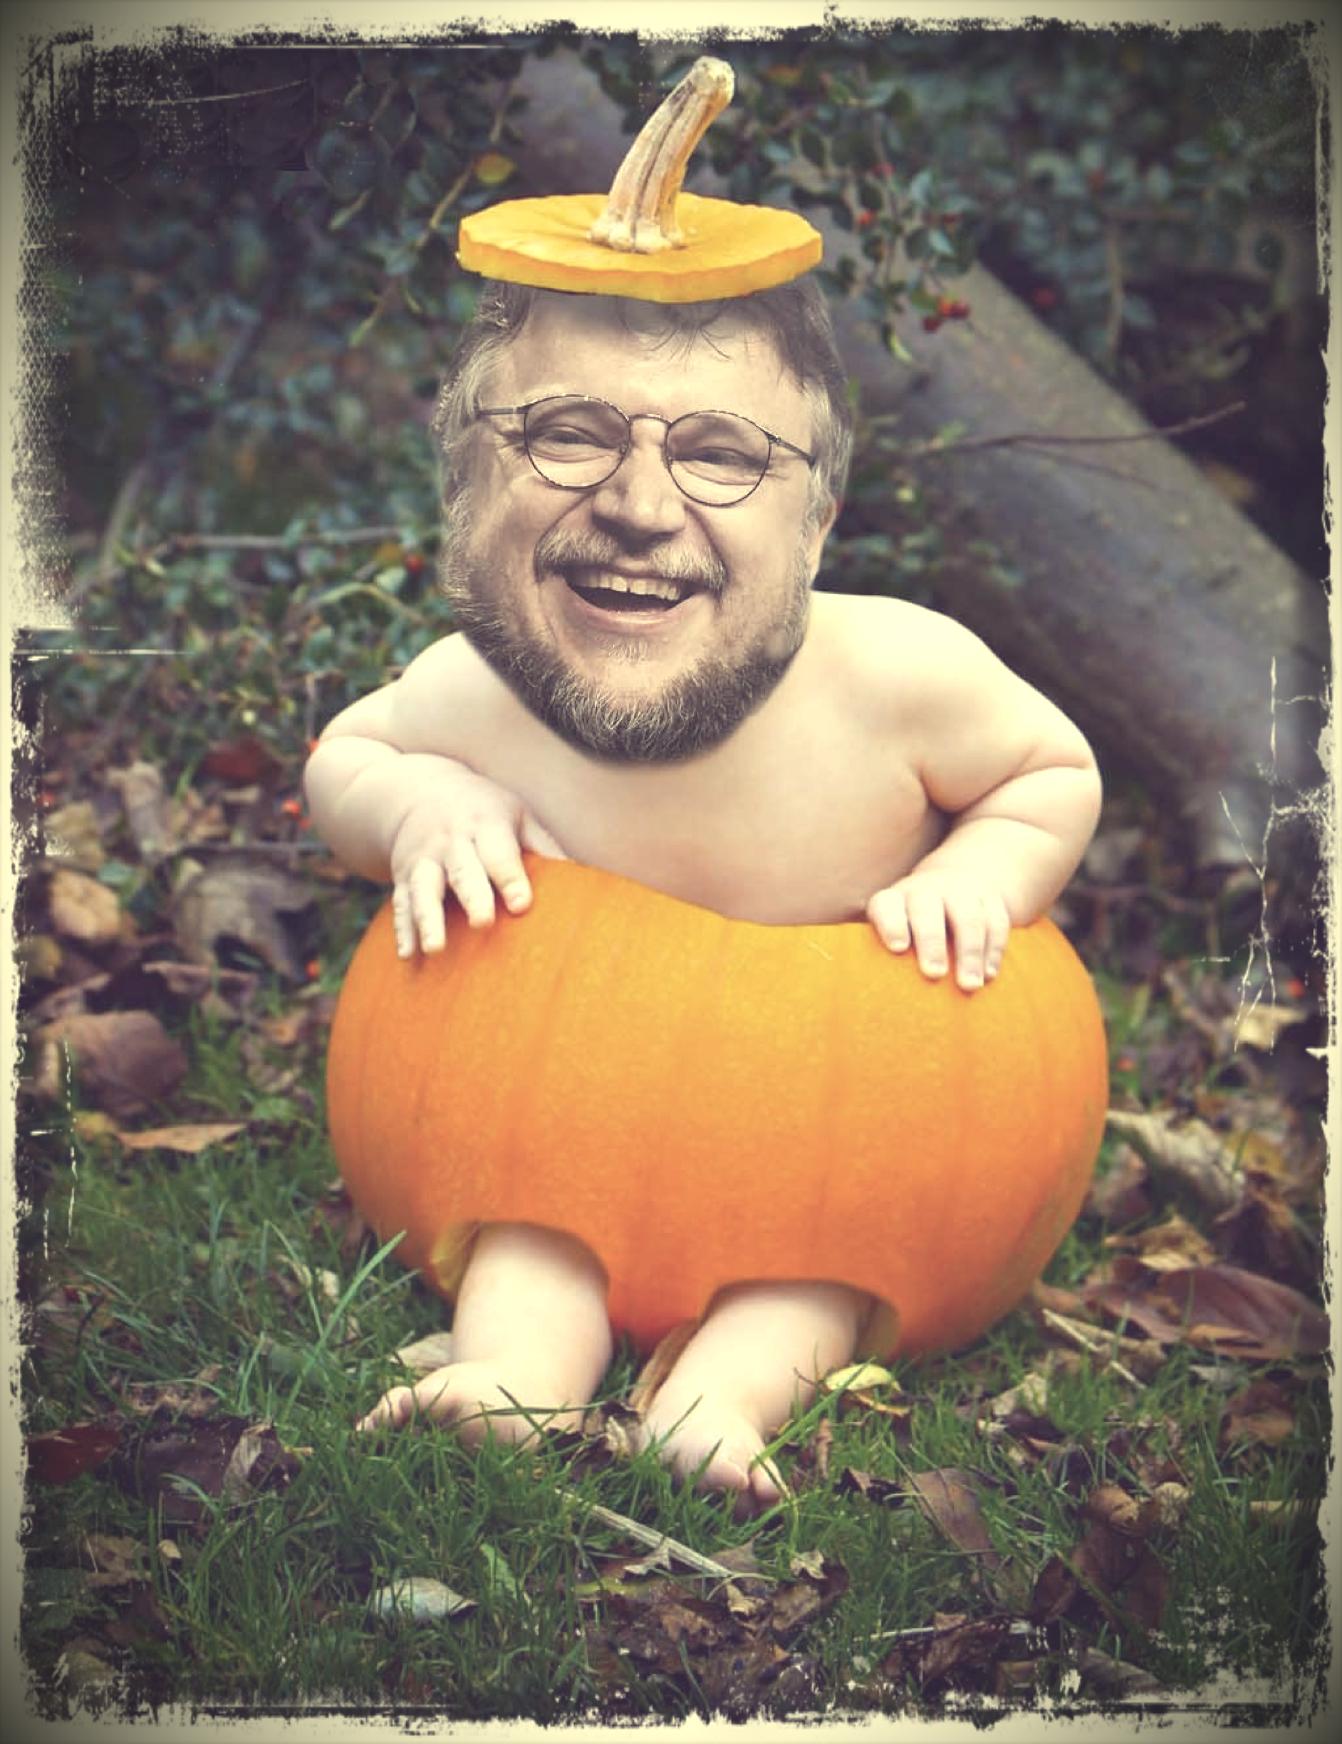 Duncan Jones - Director Babies - del Toro